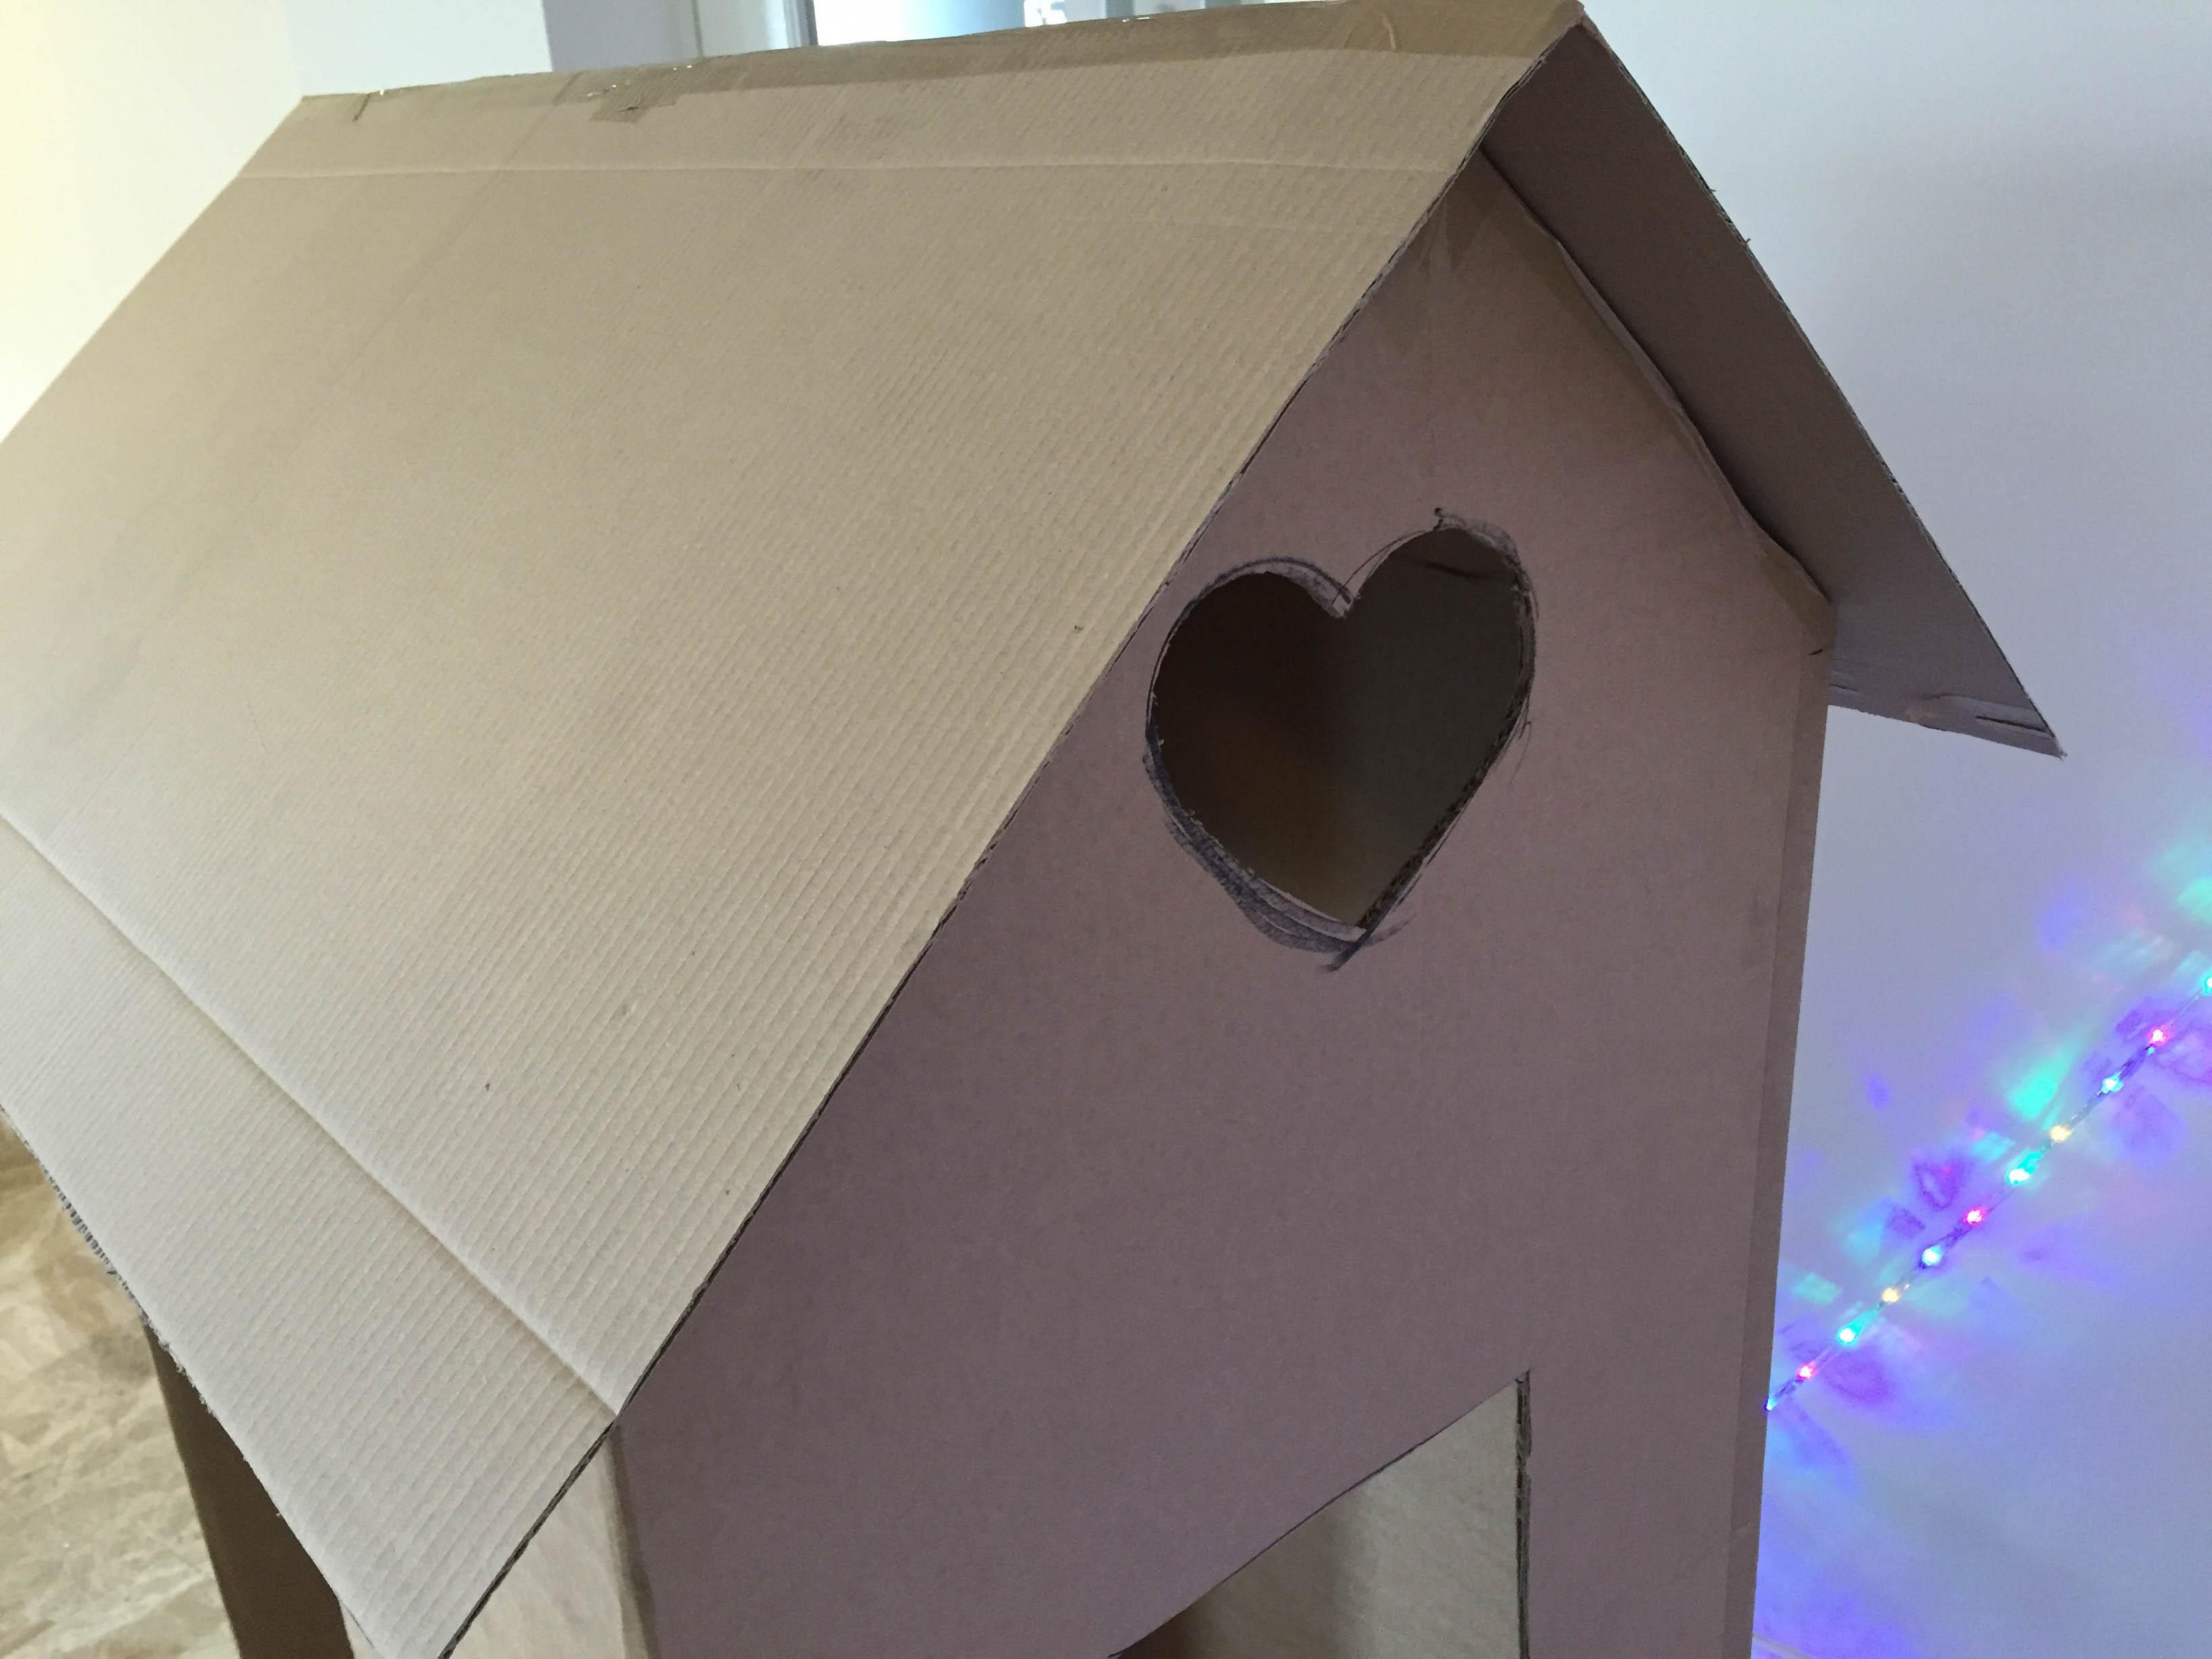 Come costruire una casetta giocattolo in cartone for I costruttori costano per costruire una casa